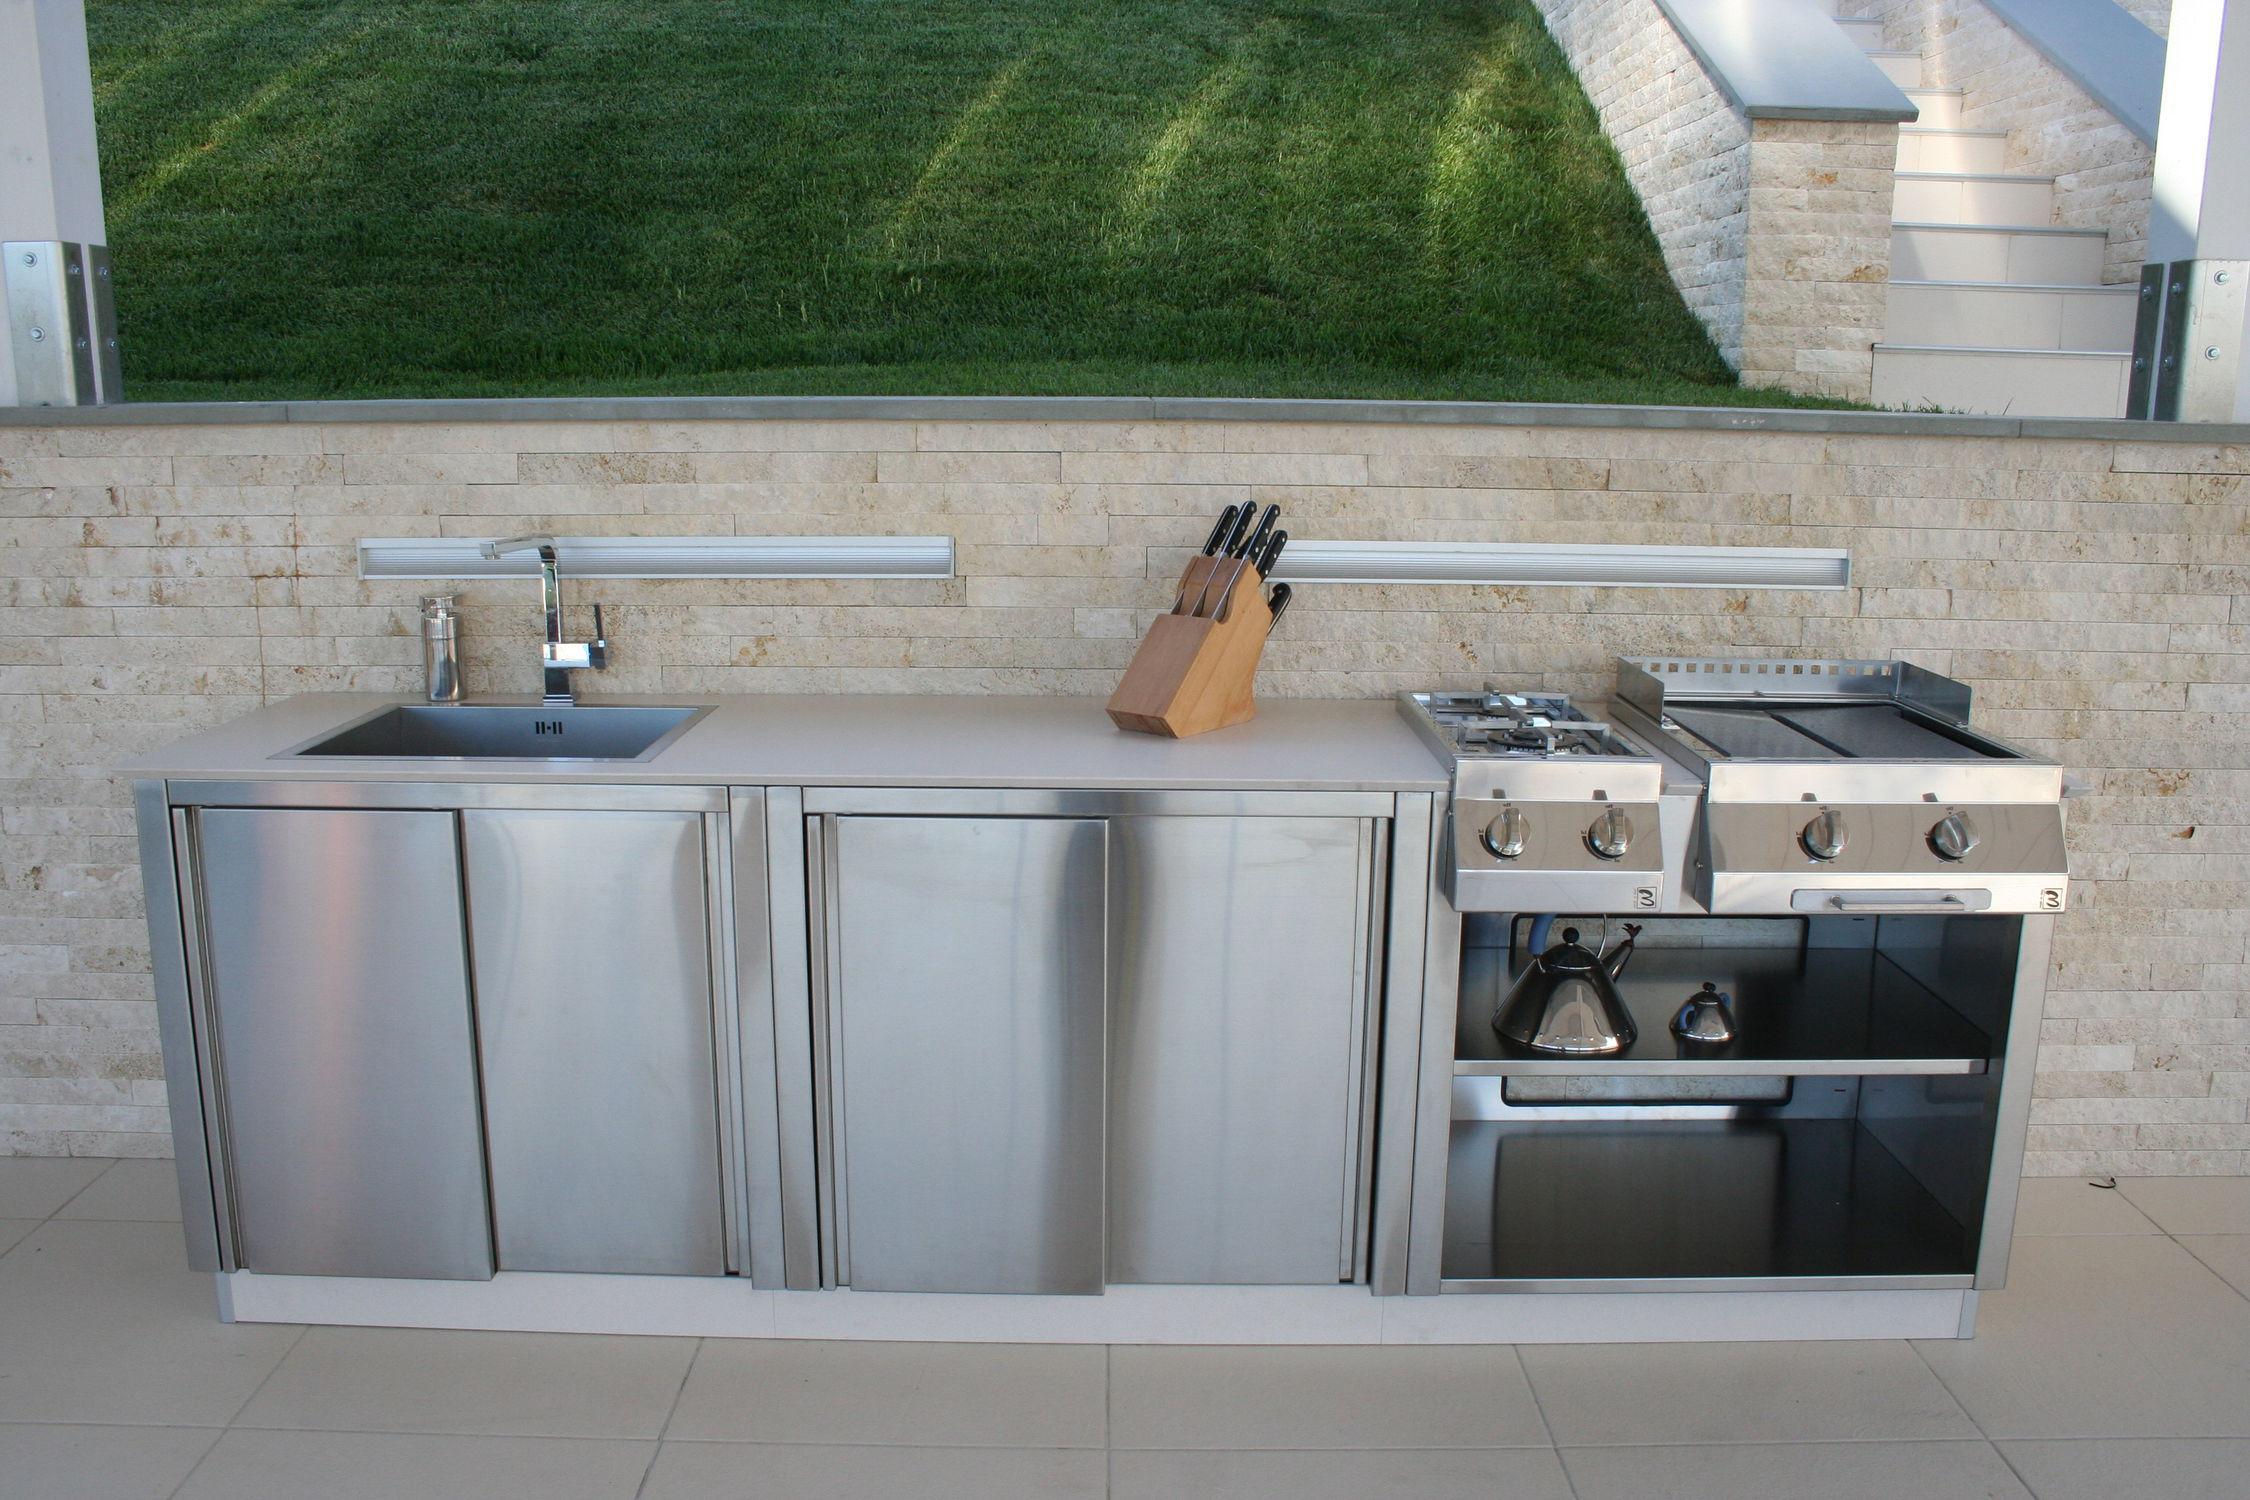 Outdoor Küche Nirosta : Outdoor küche nirosta outdoor küche selber machen schön küche